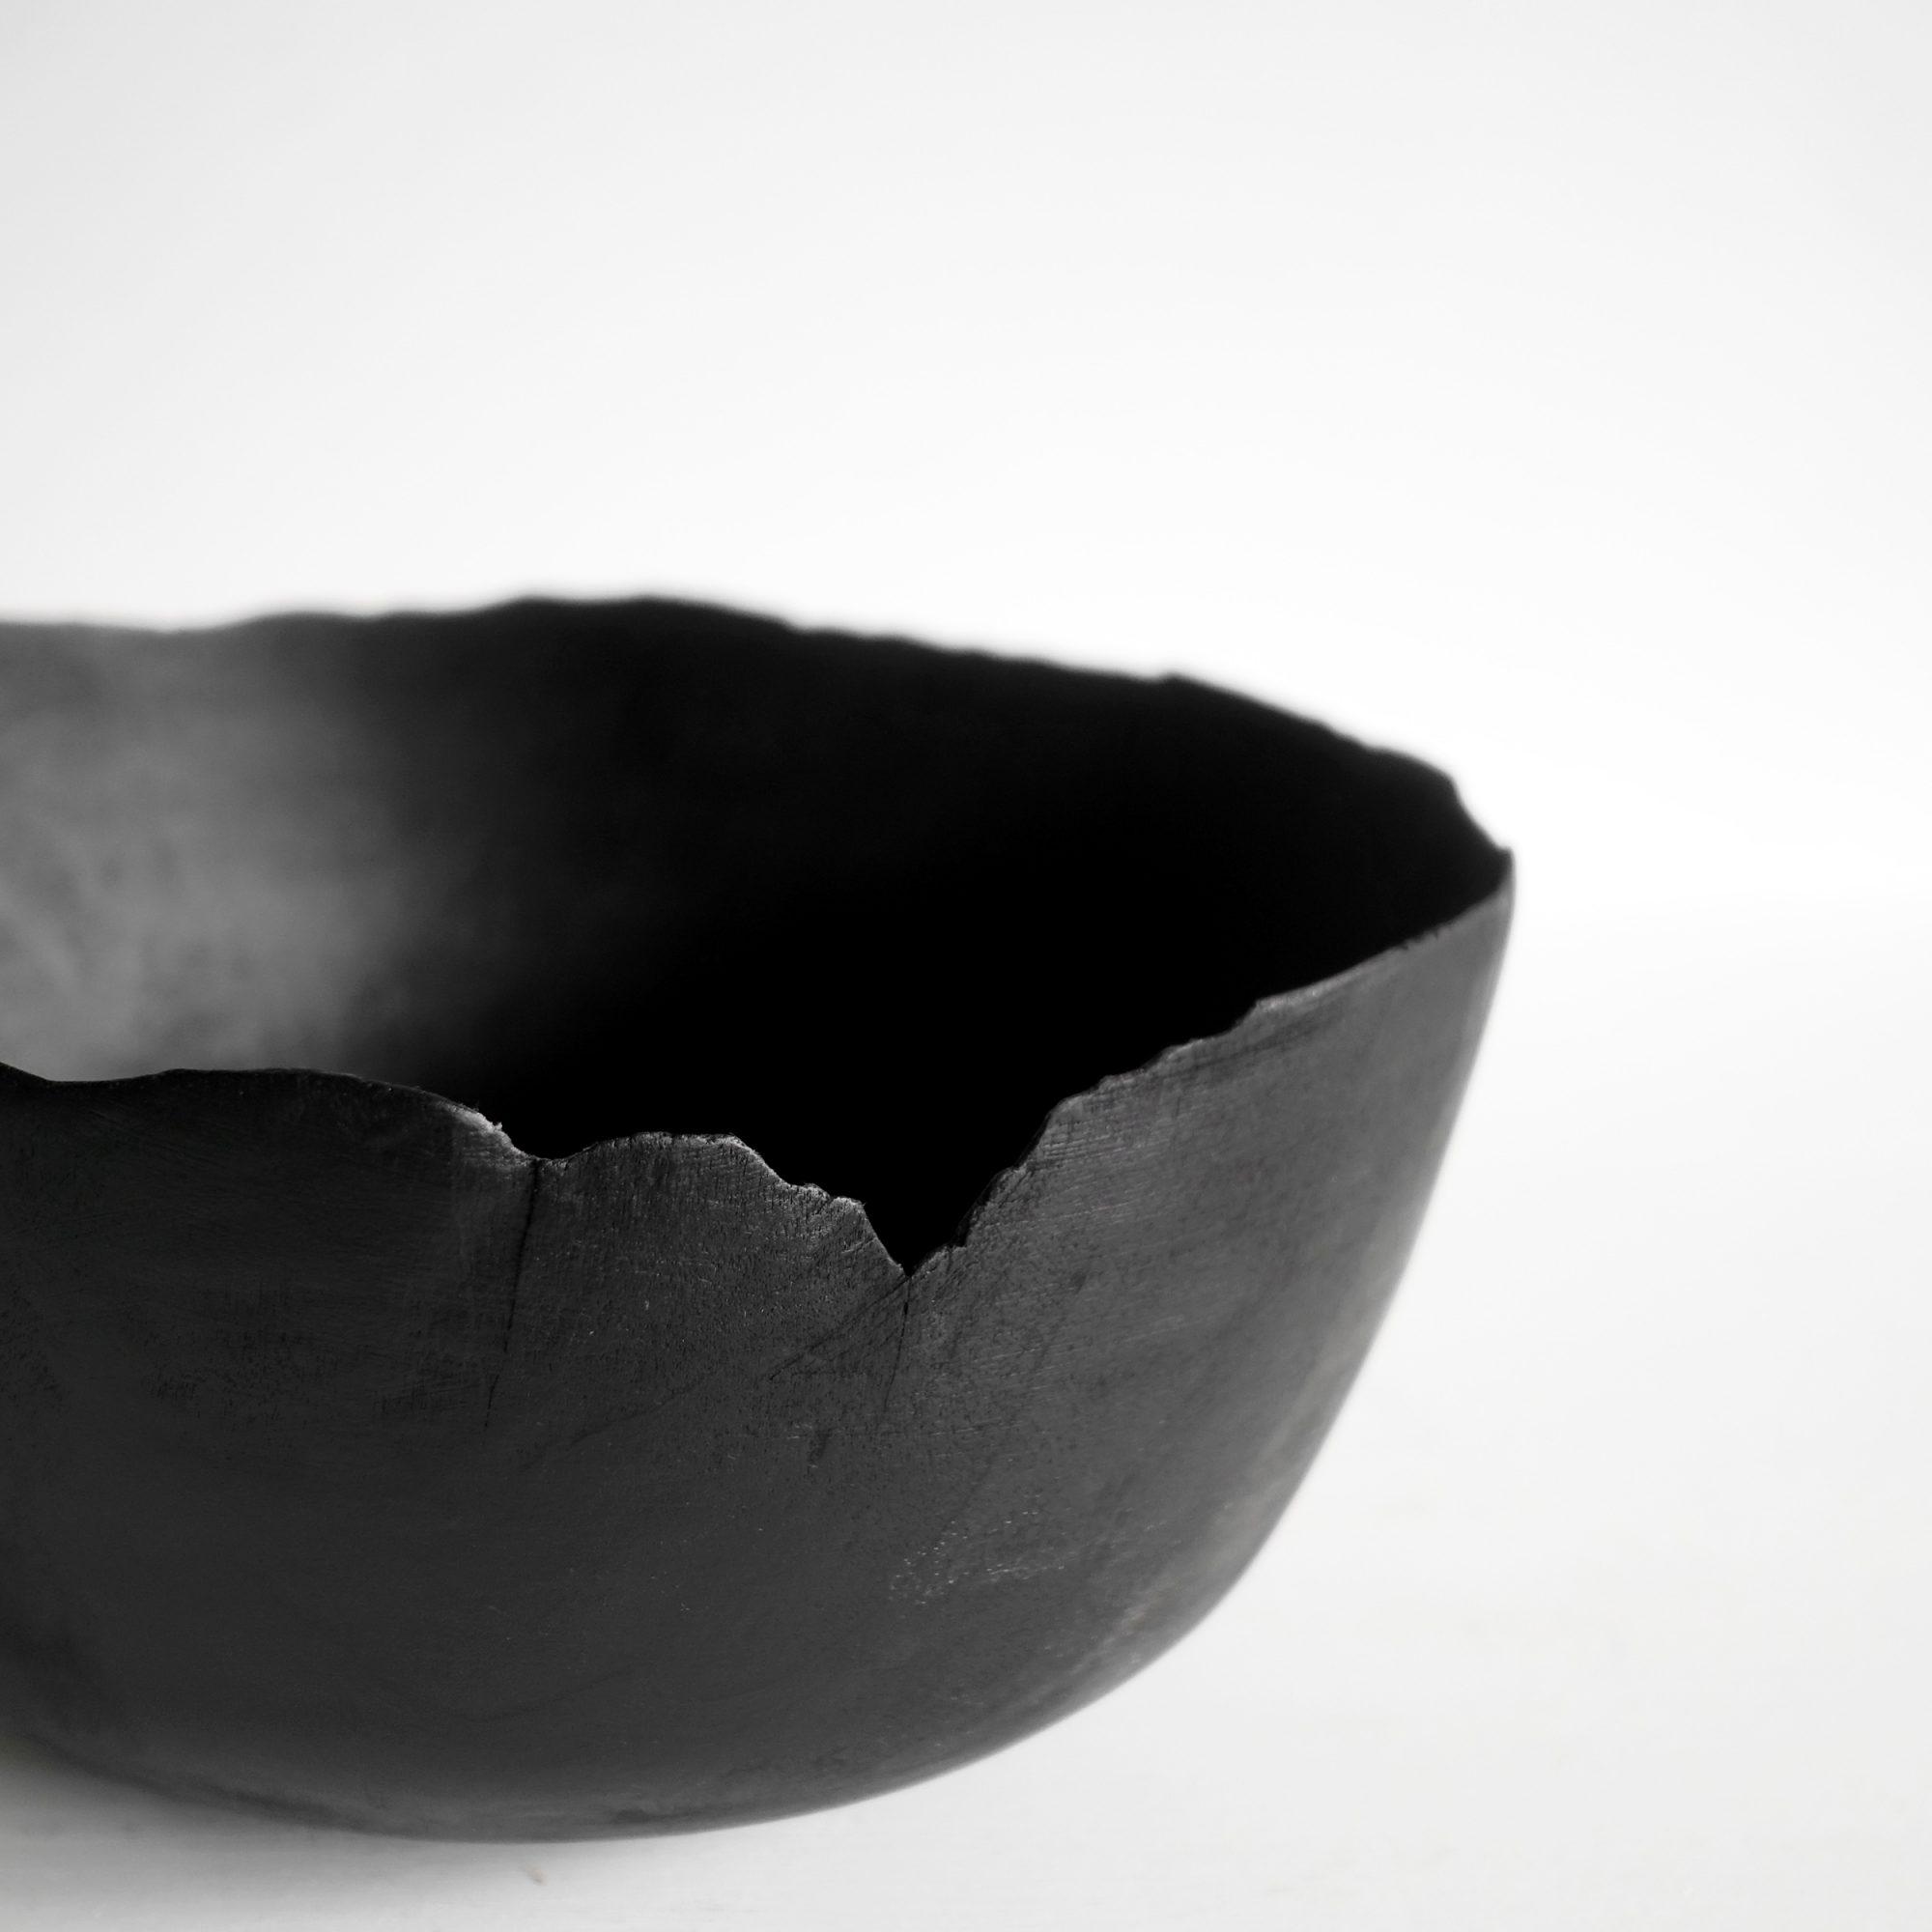 Thin black bowl 4